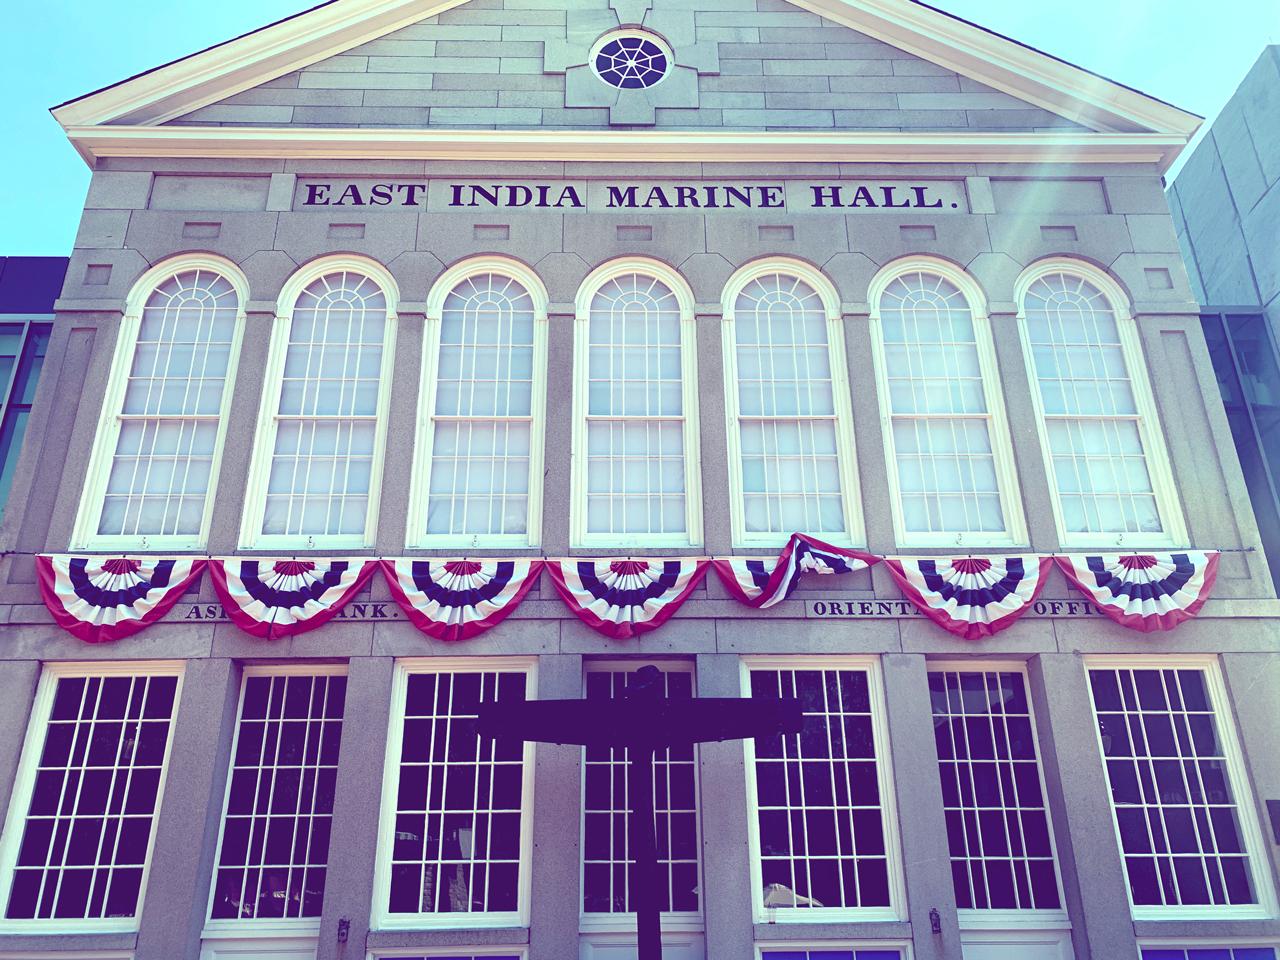 east-india-marine-hall-peabody-essex-museum-salem-massachusetts-1280x960-01